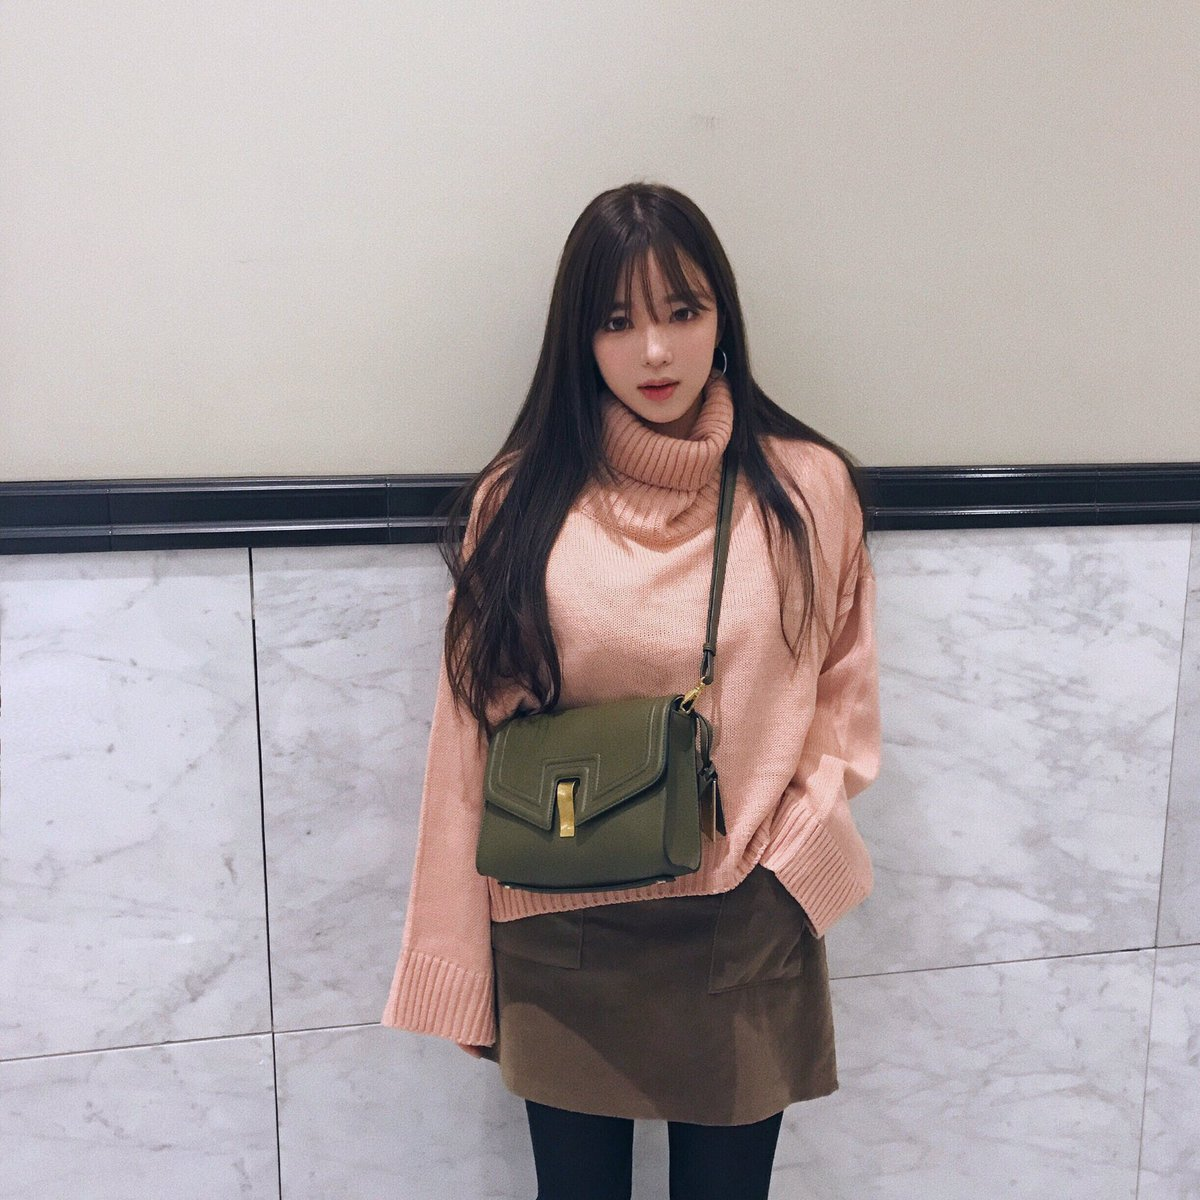 「ユン・アラ スタイル」の画像検索結果